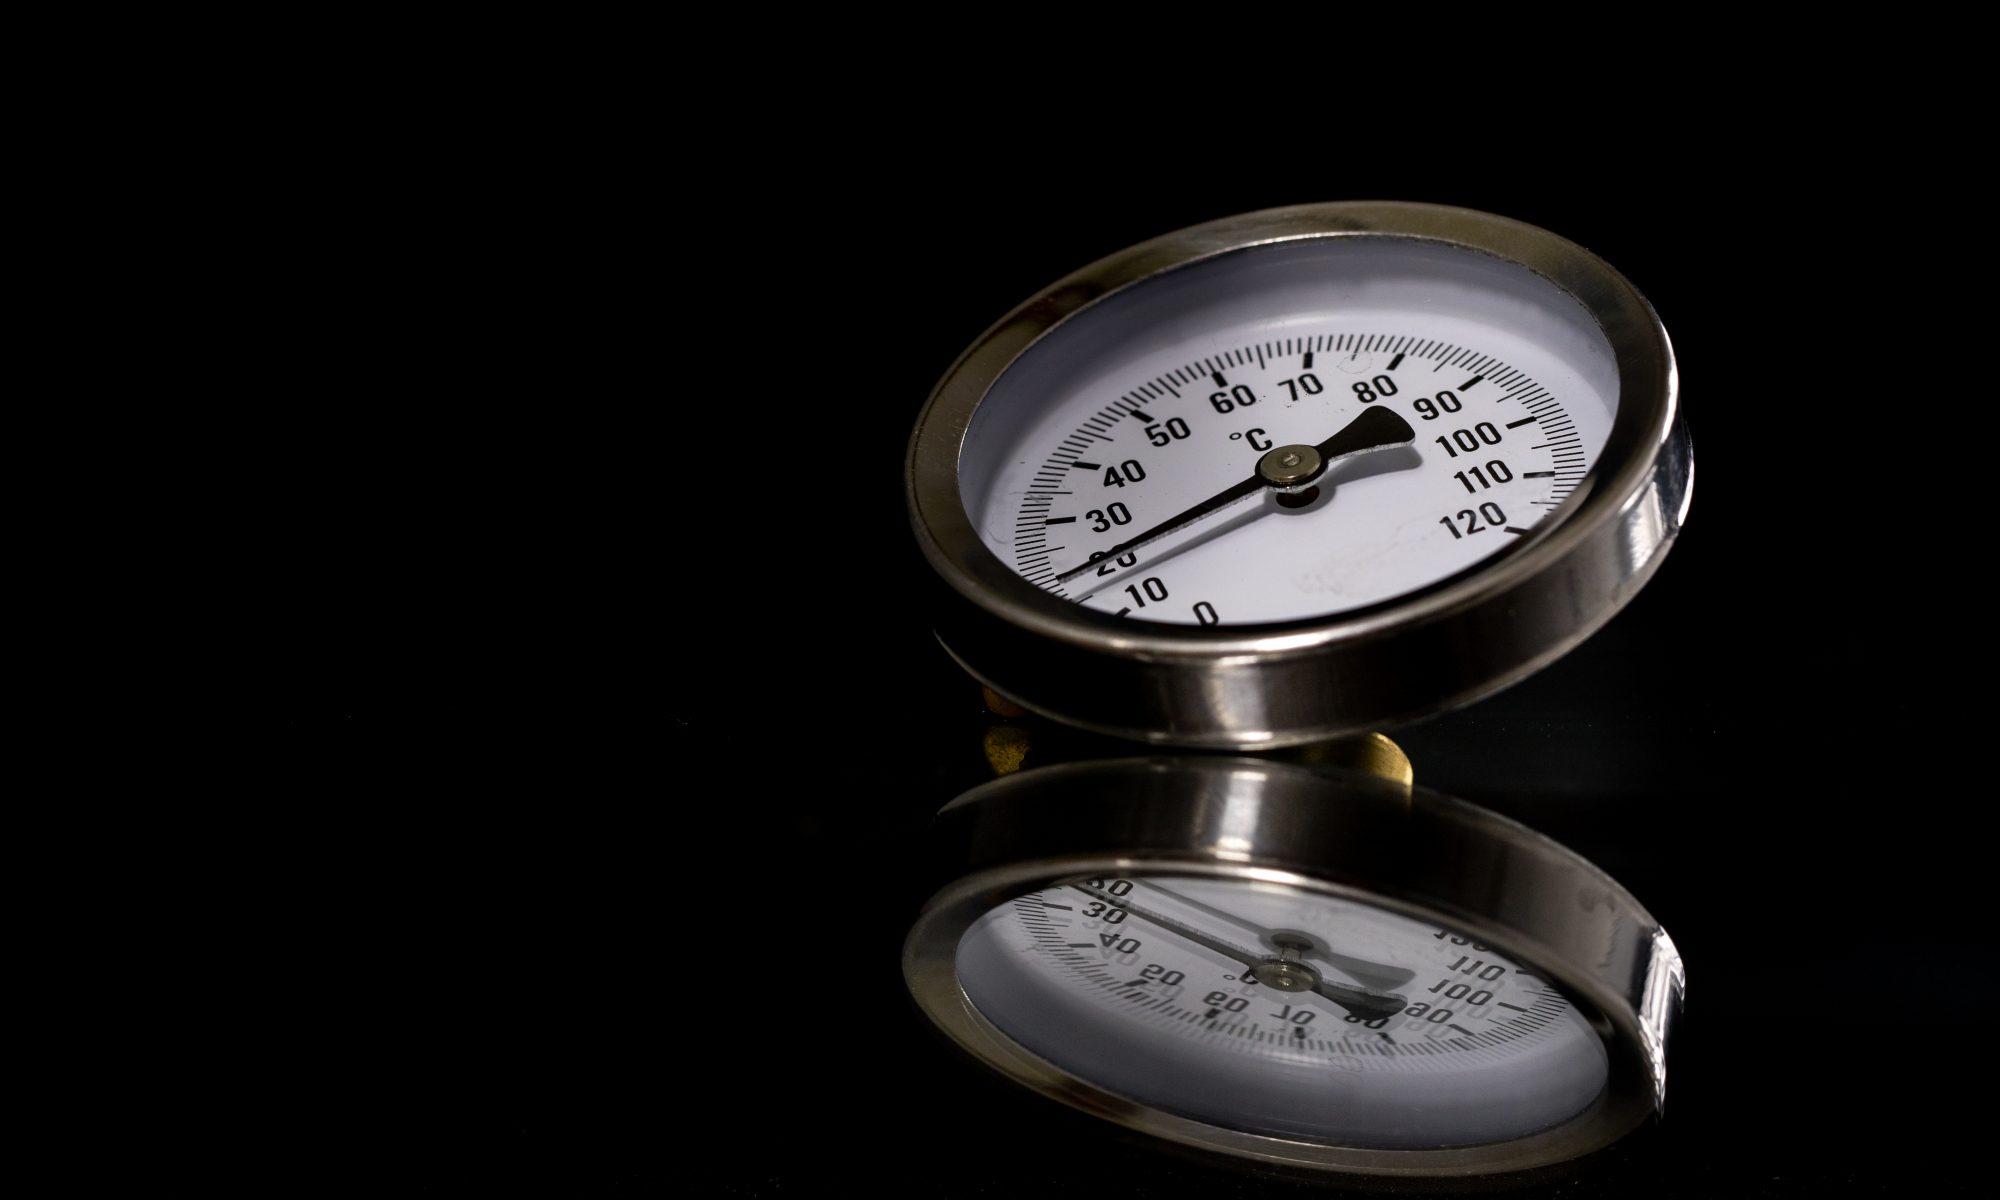 Gormen Messtechnik Bimetall Thermometer Figur 20 Gormen Messtechnik